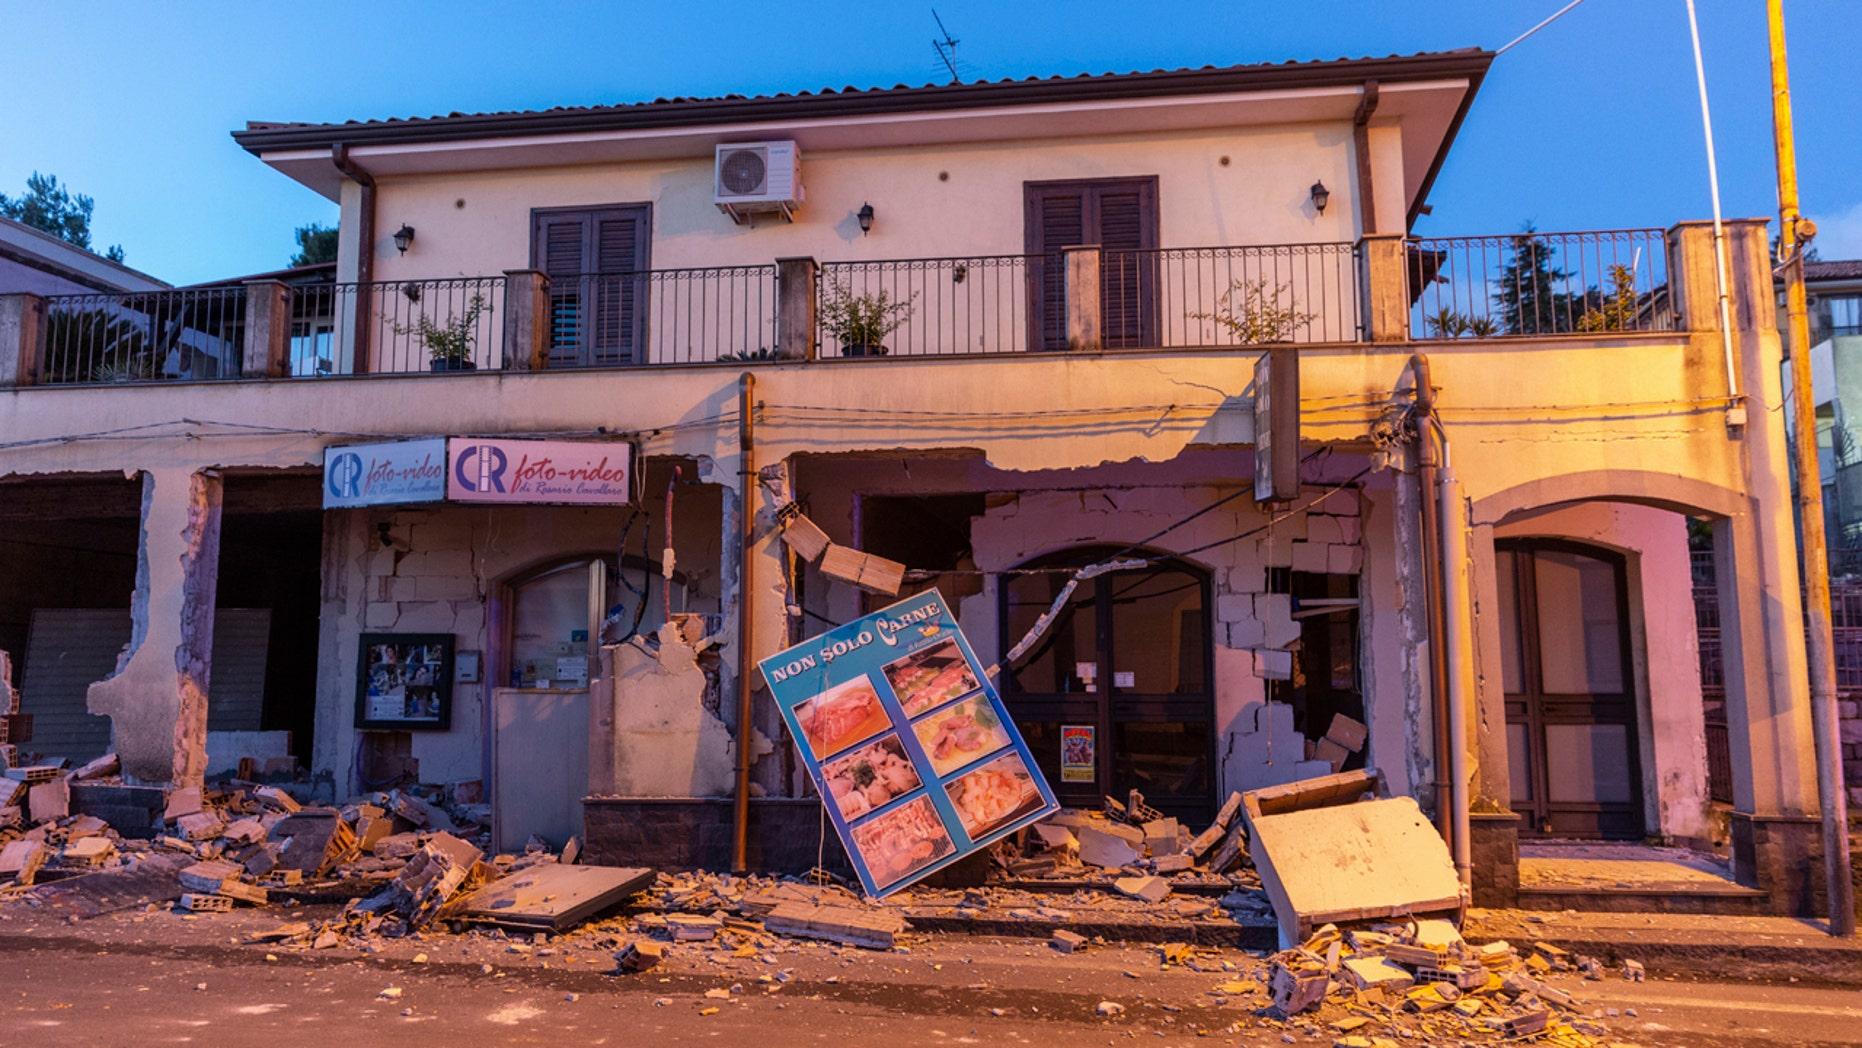 Italie : l'éruption du mont Etna provoque un séisme en Sicile, blessant au moins 10 personnes 3